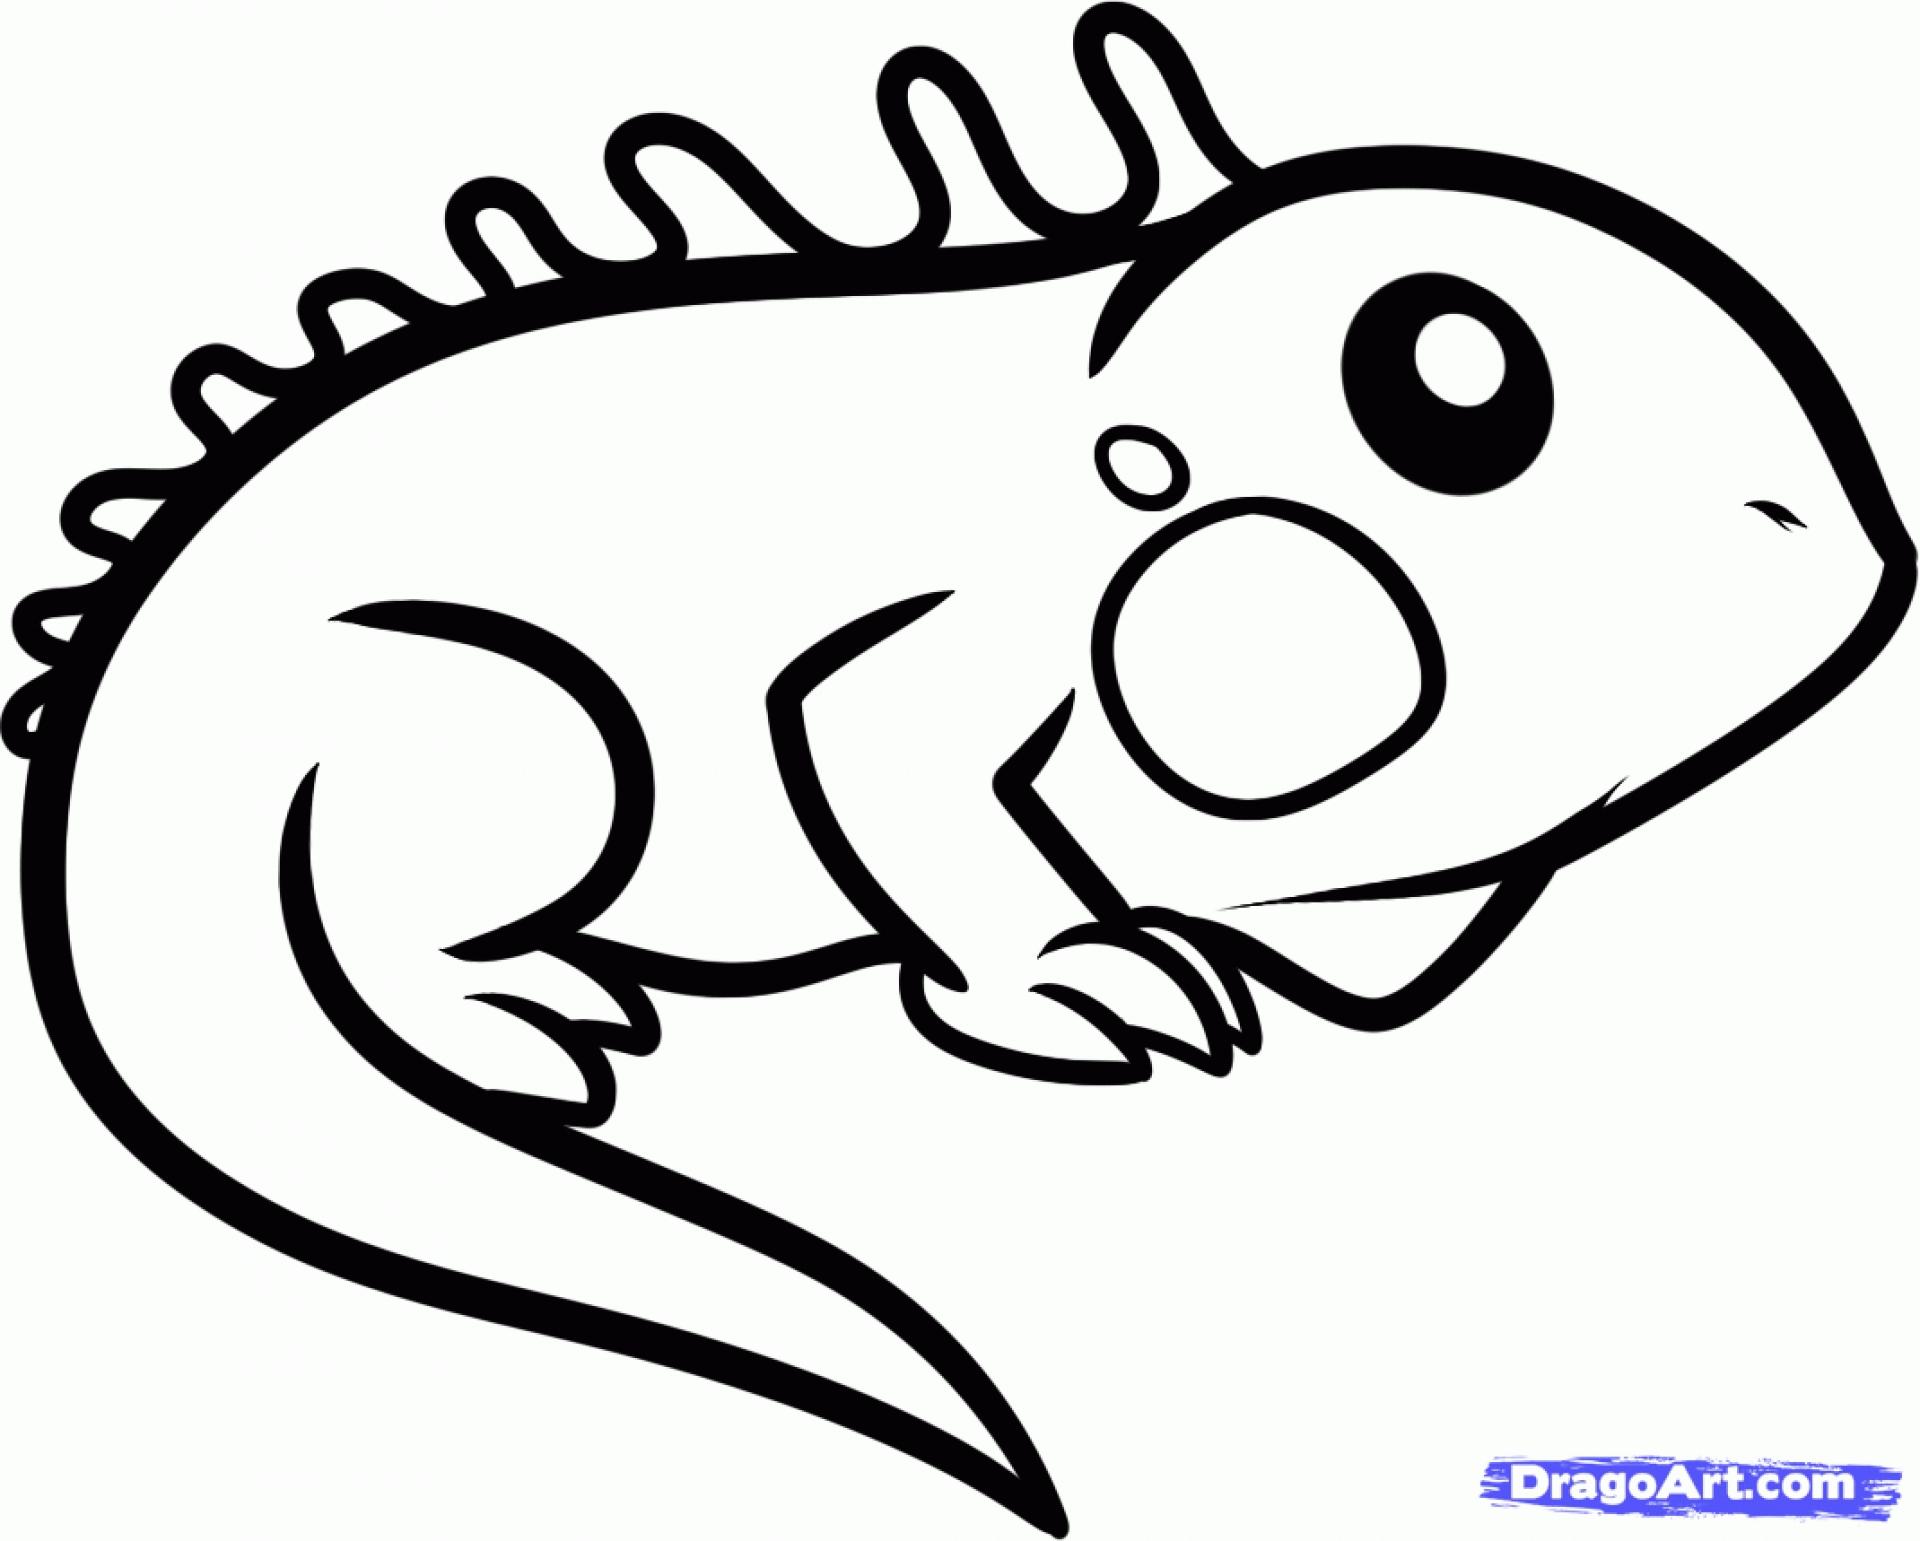 1920x1541 Cute Cartoon Animal Drawings Cute Cartoon Animals Drawings Cute